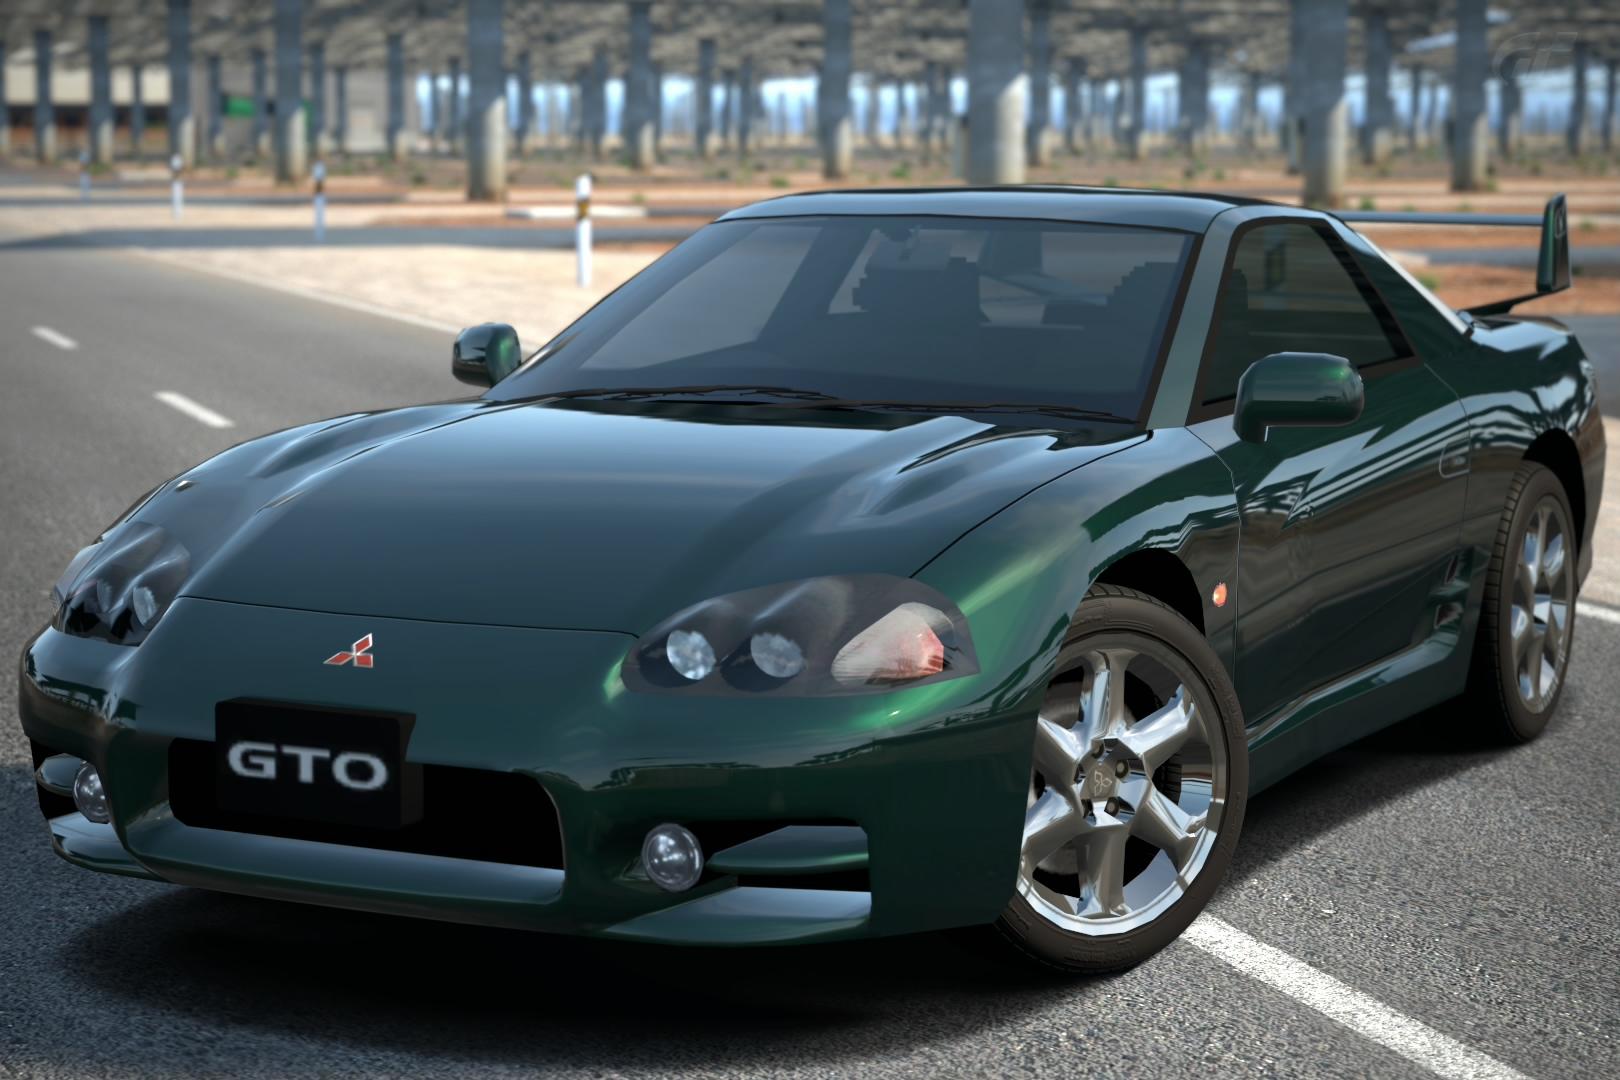 BMW Twin Turbo >> Mitsubishi GTO Twin Turbo '98 | Gran Turismo Wiki | Fandom